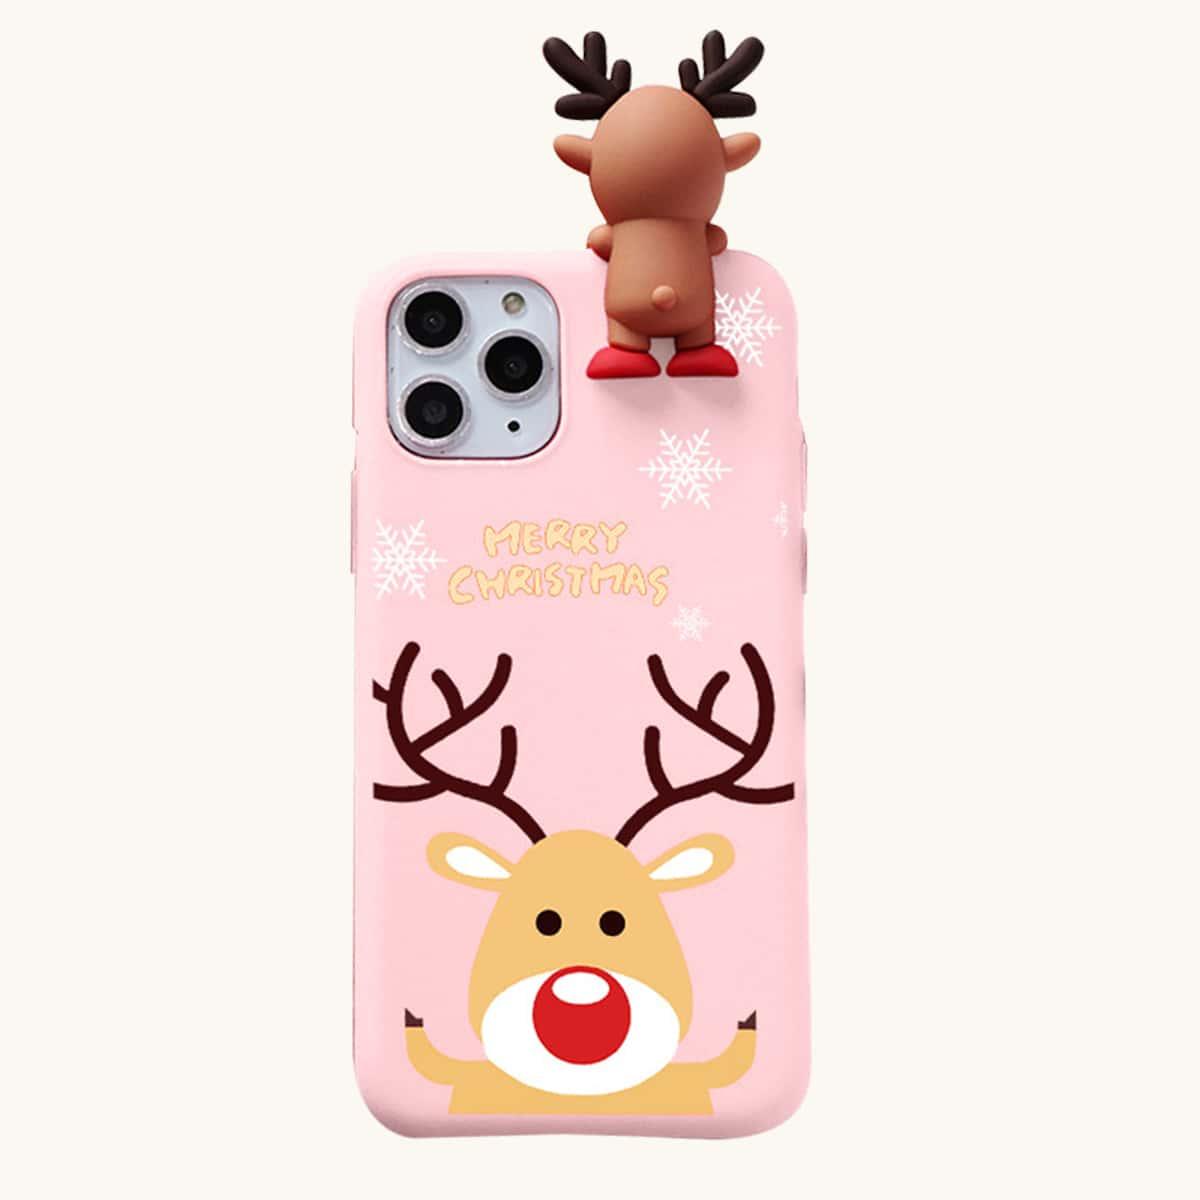 Weihnachten Handyetui mit Elch Dekor